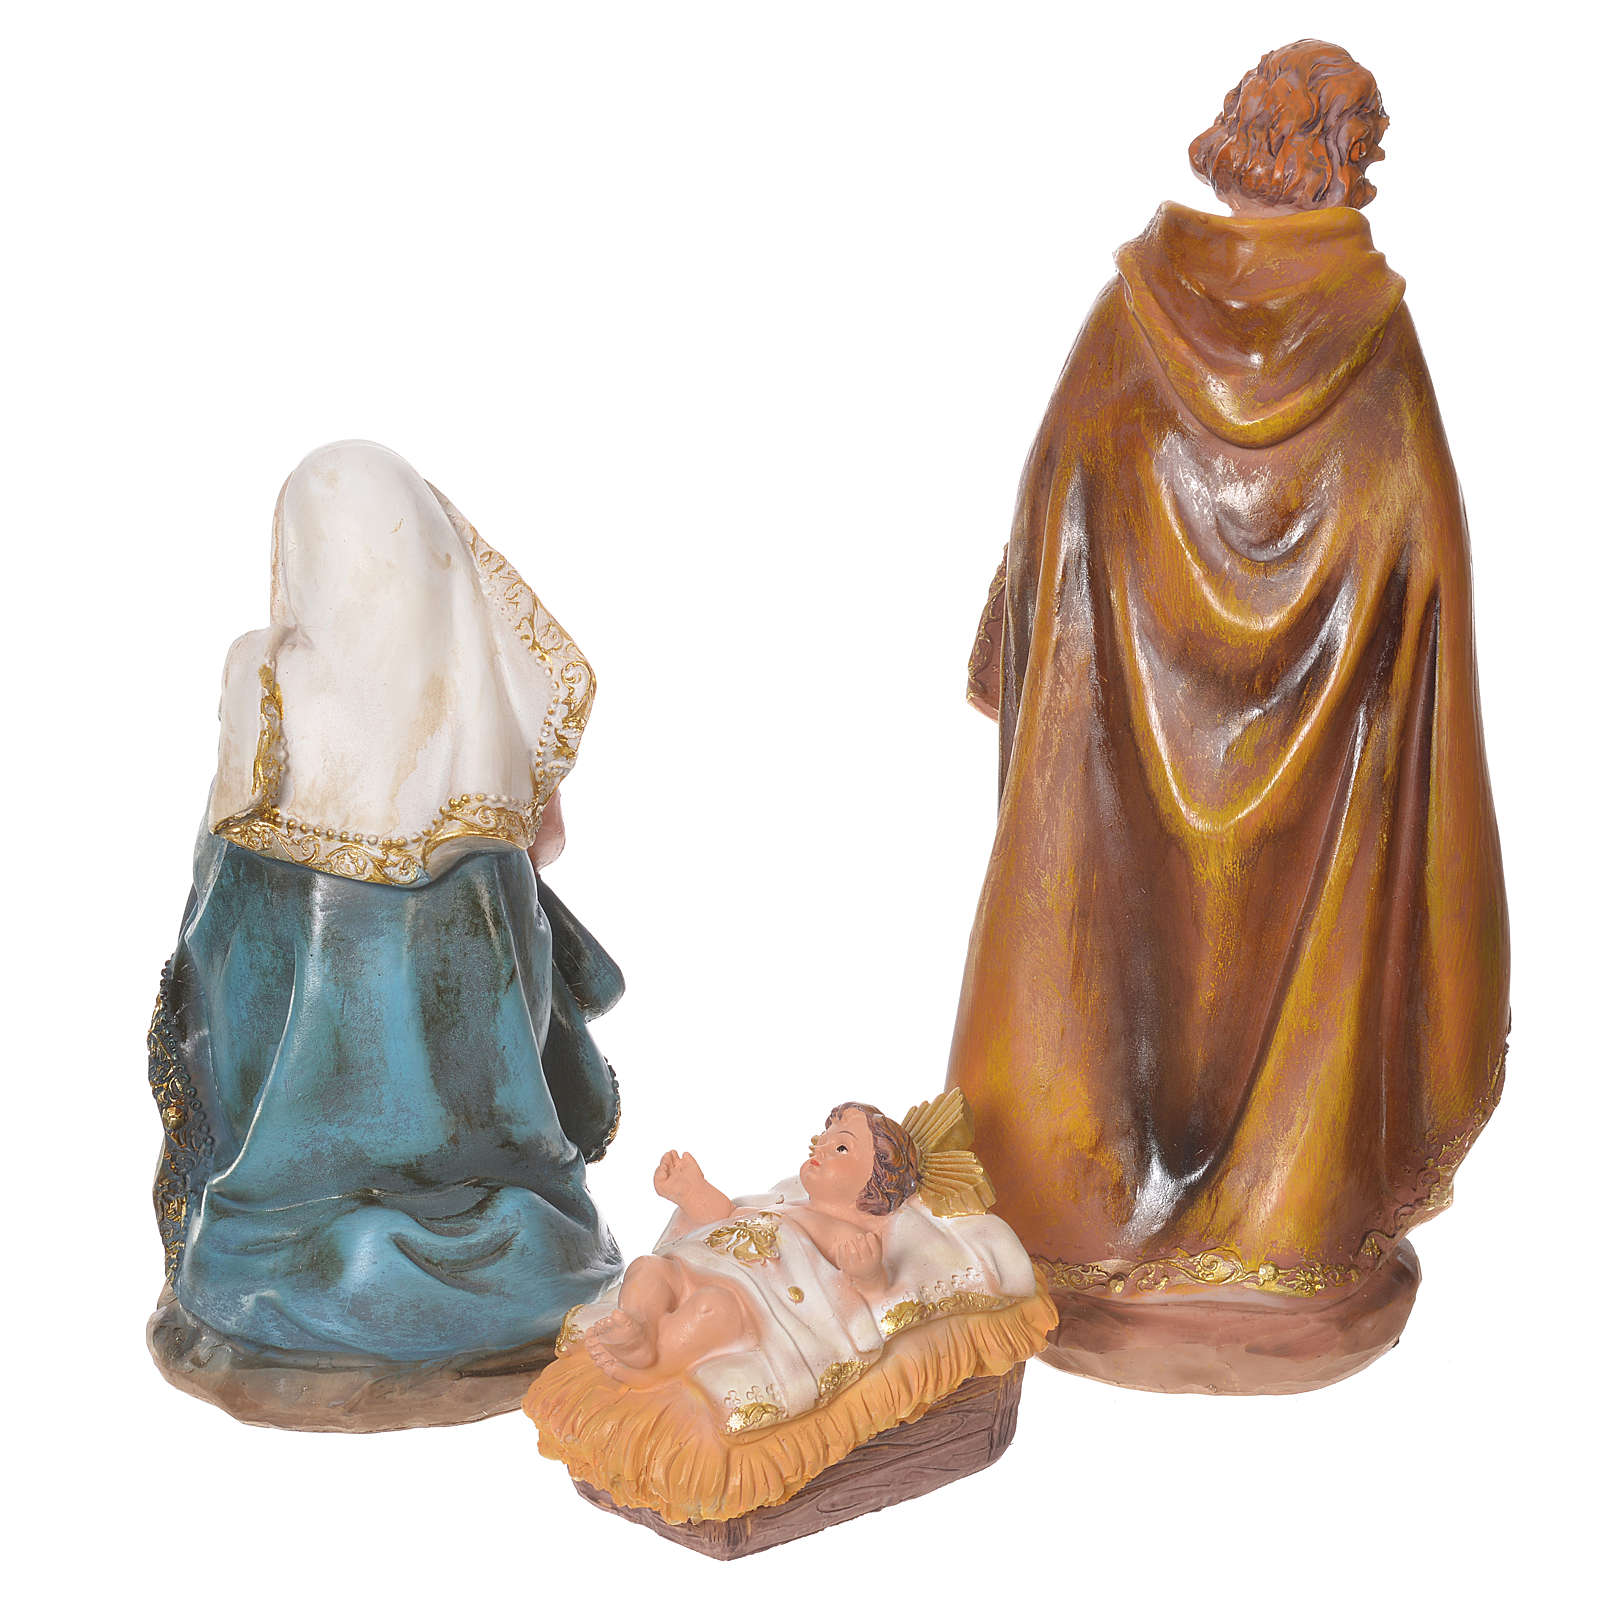 Presepe completo resina 31 cm multicolor 11 statue 4